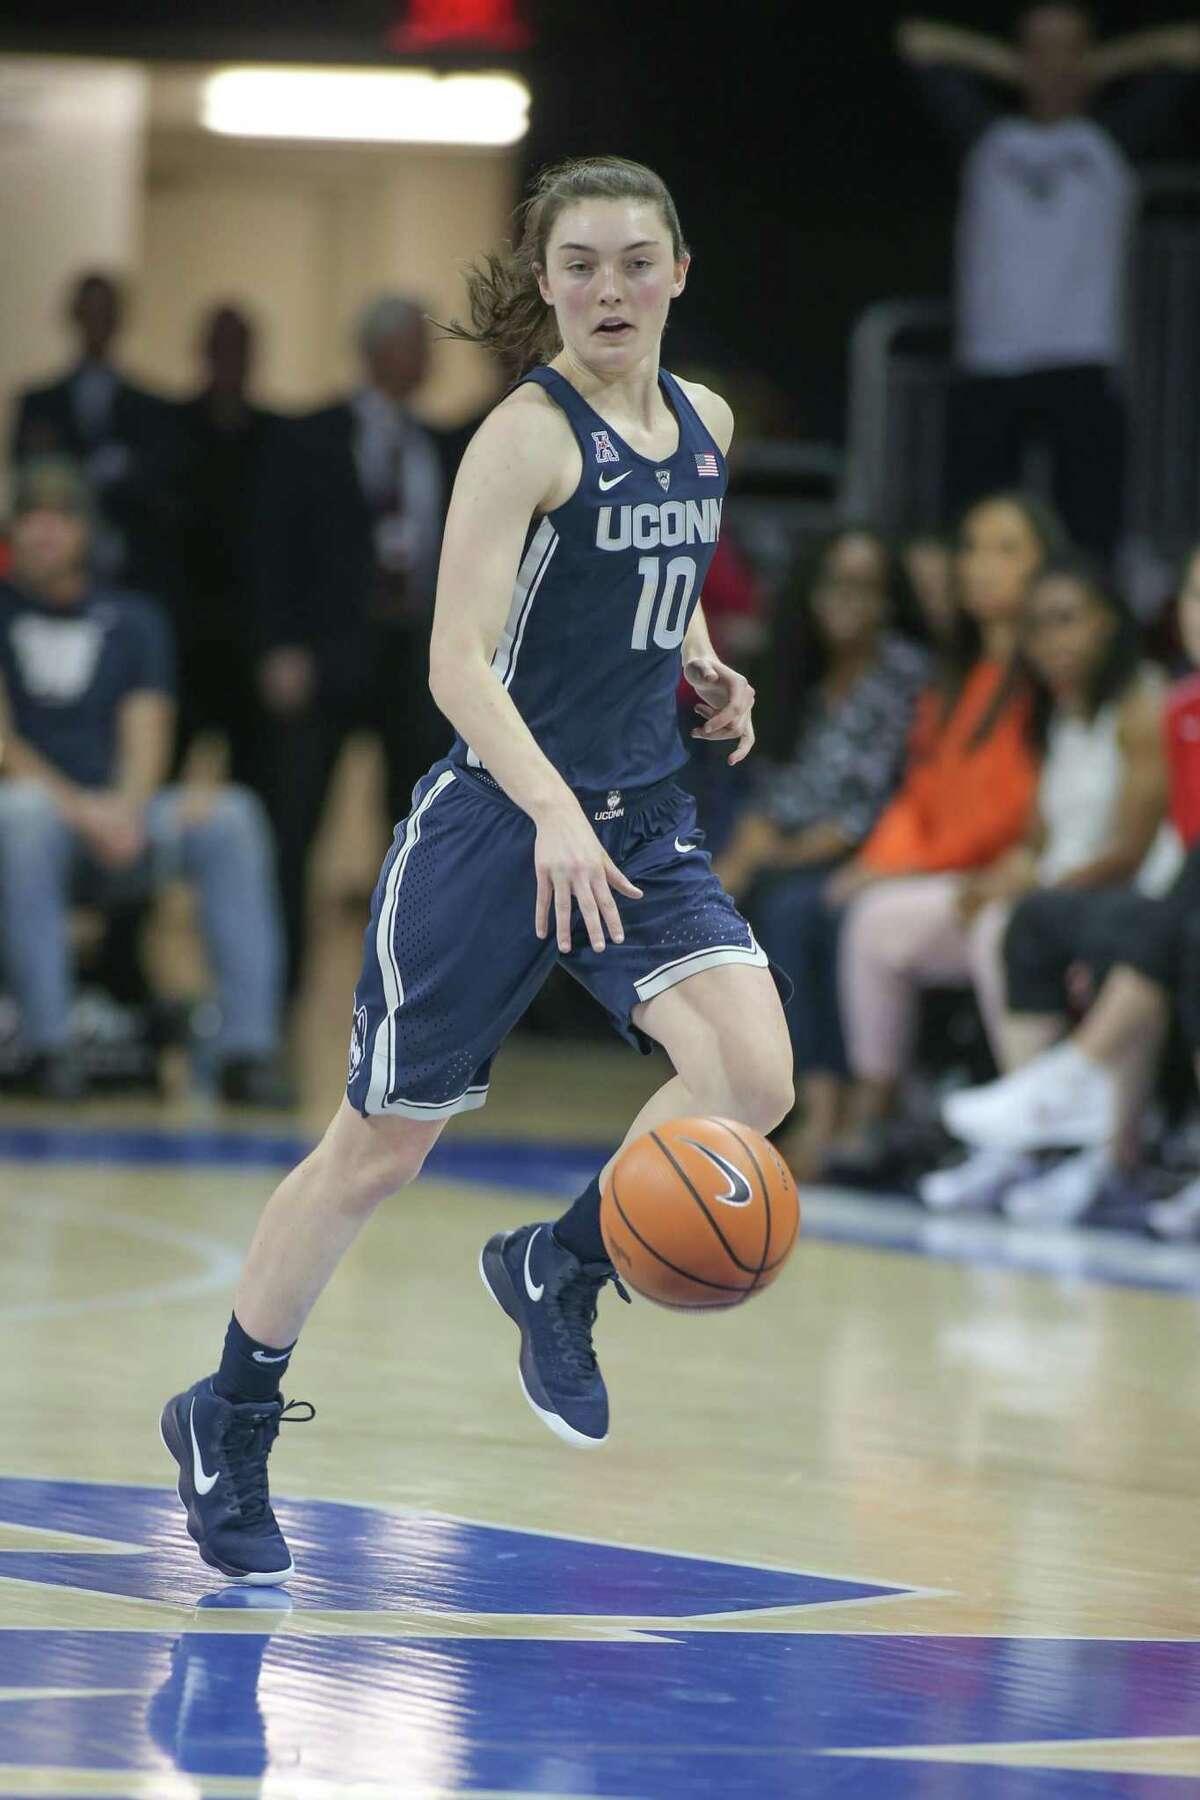 UConnn guard Molly Bent.